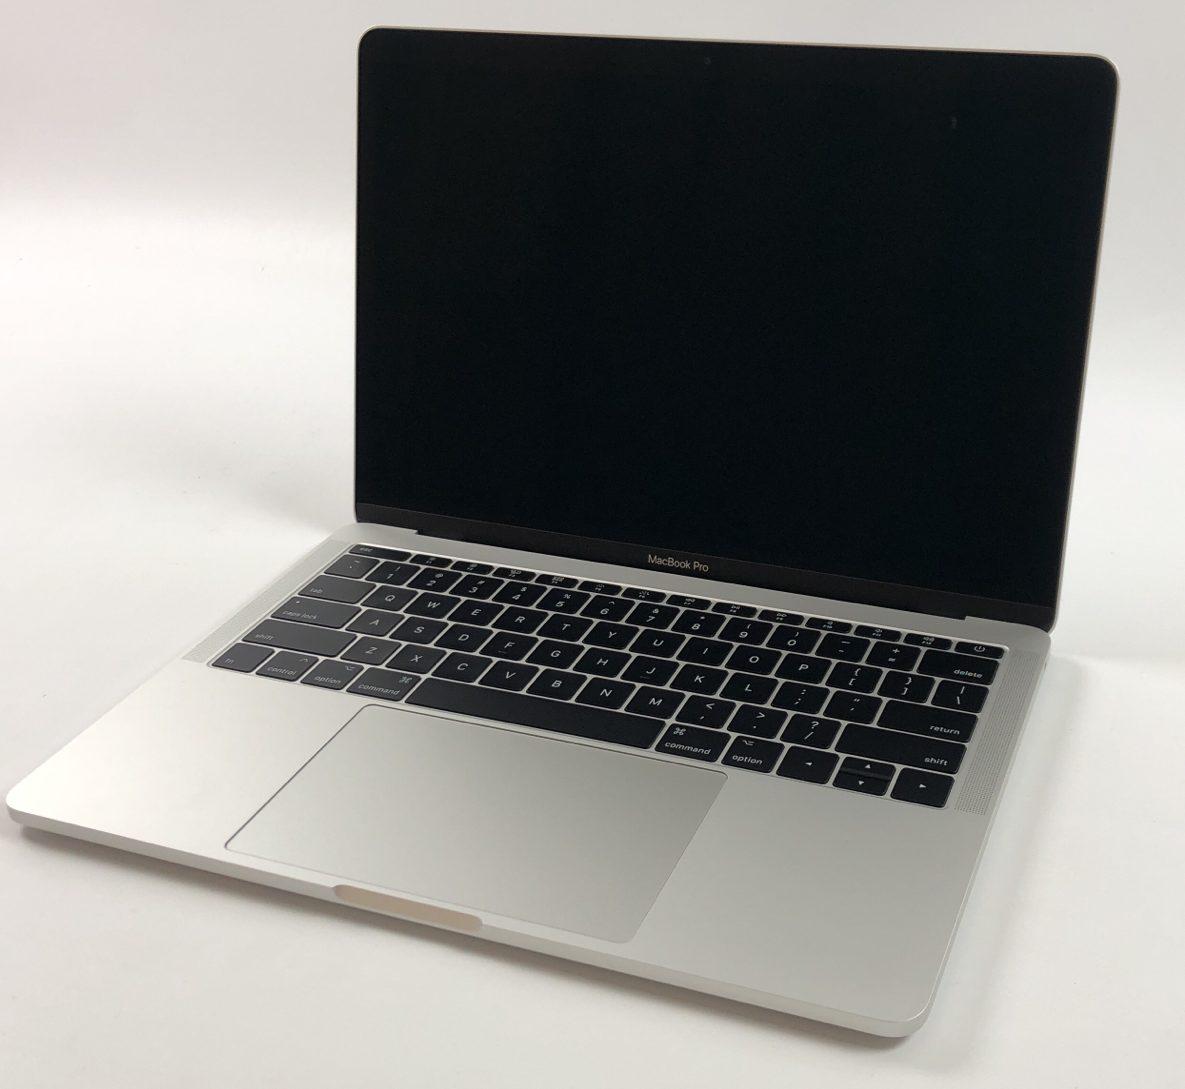 """MacBook Pro 13"""" 2TBT Mid 2017 (Intel Core i7 2.5 GHz 16 GB RAM 256 GB SSD), Silver, Intel Core i7 2.5 GHz, 16 GB RAM, 256 GB SSD, image 1"""